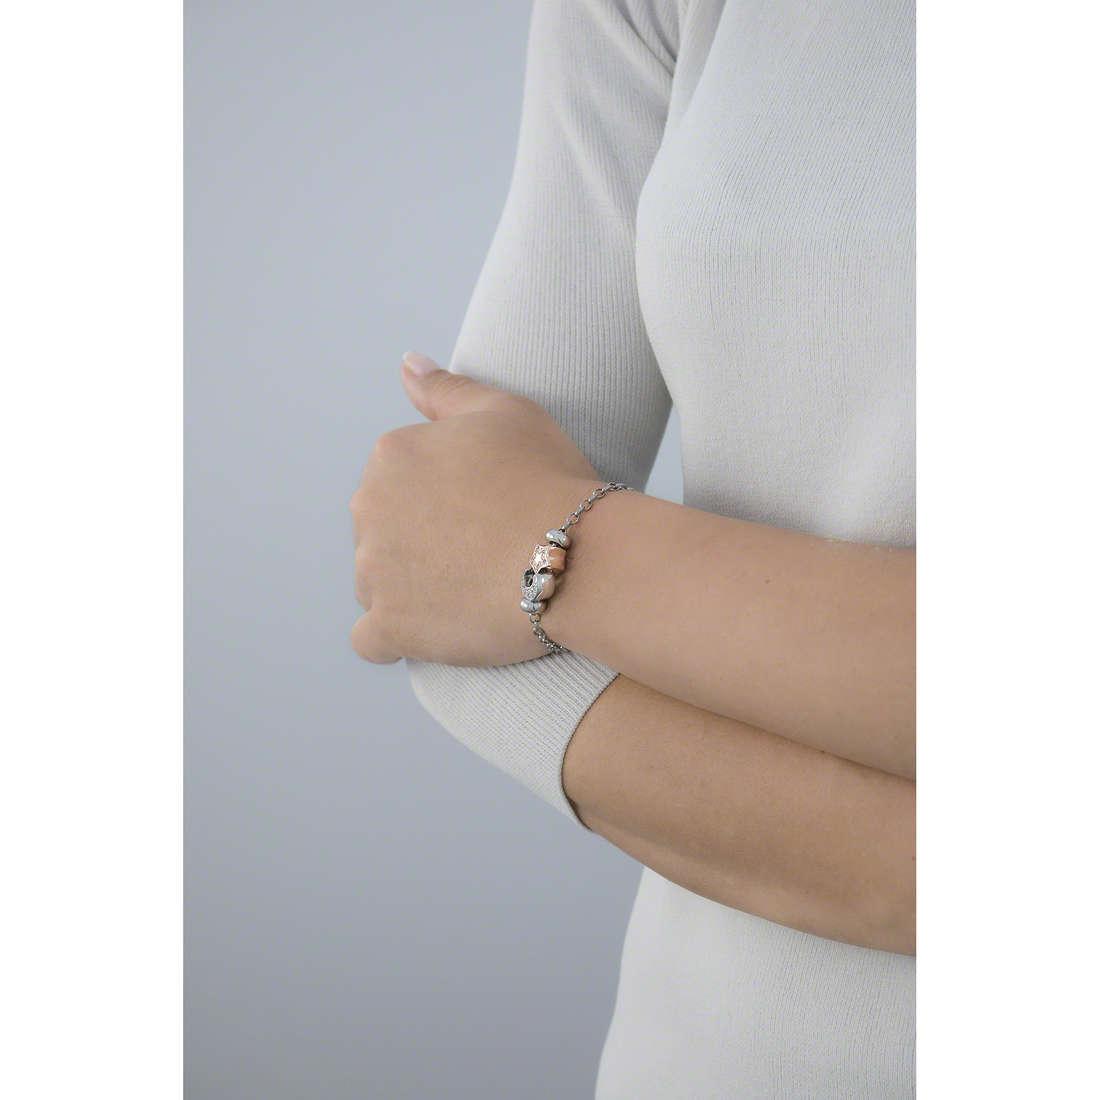 Morellato bracciali Drops donna SCZ371 indosso